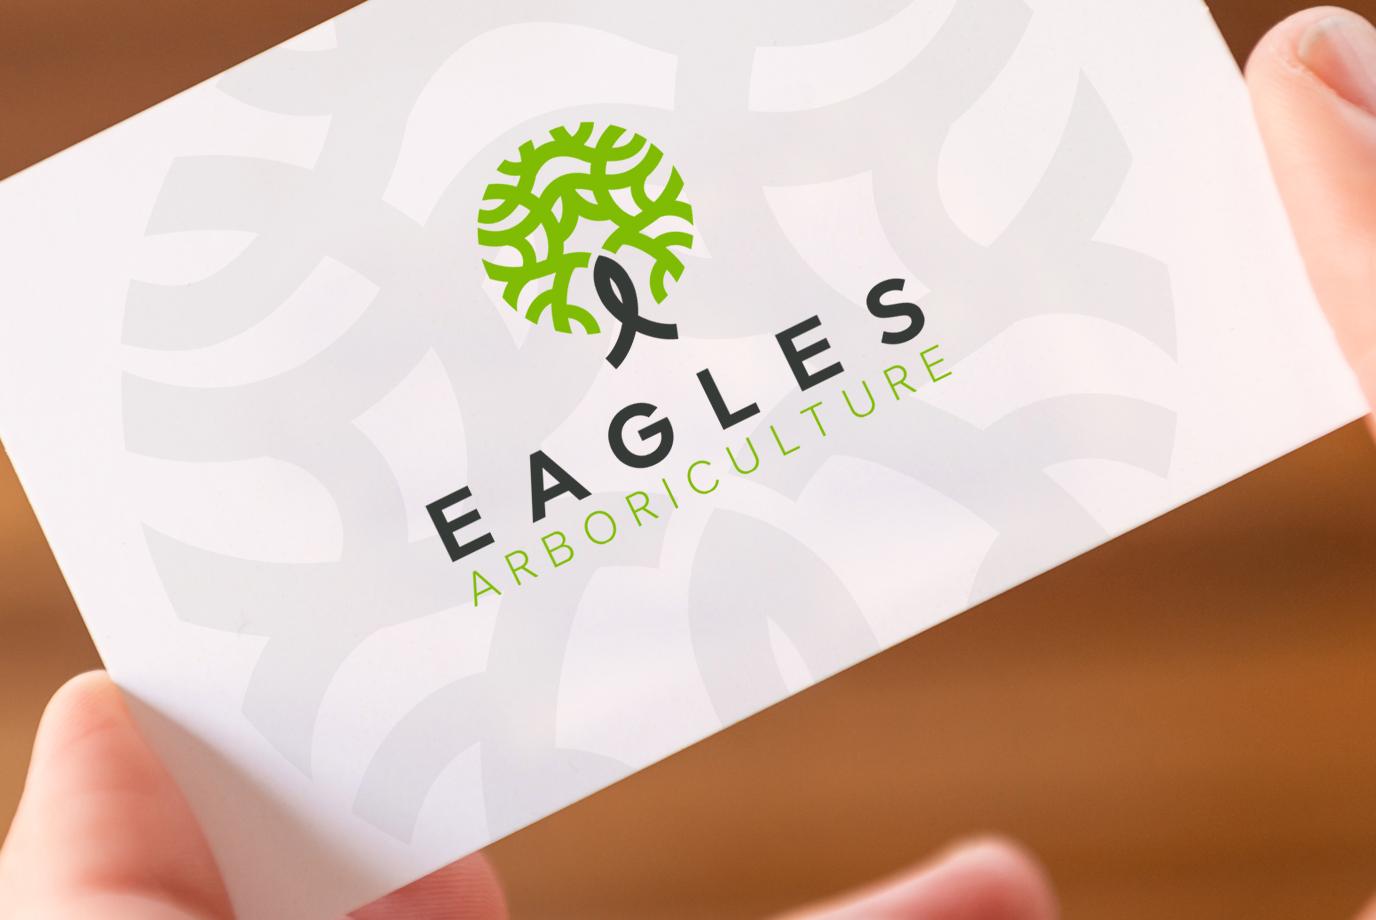 Eagles Arboriculture